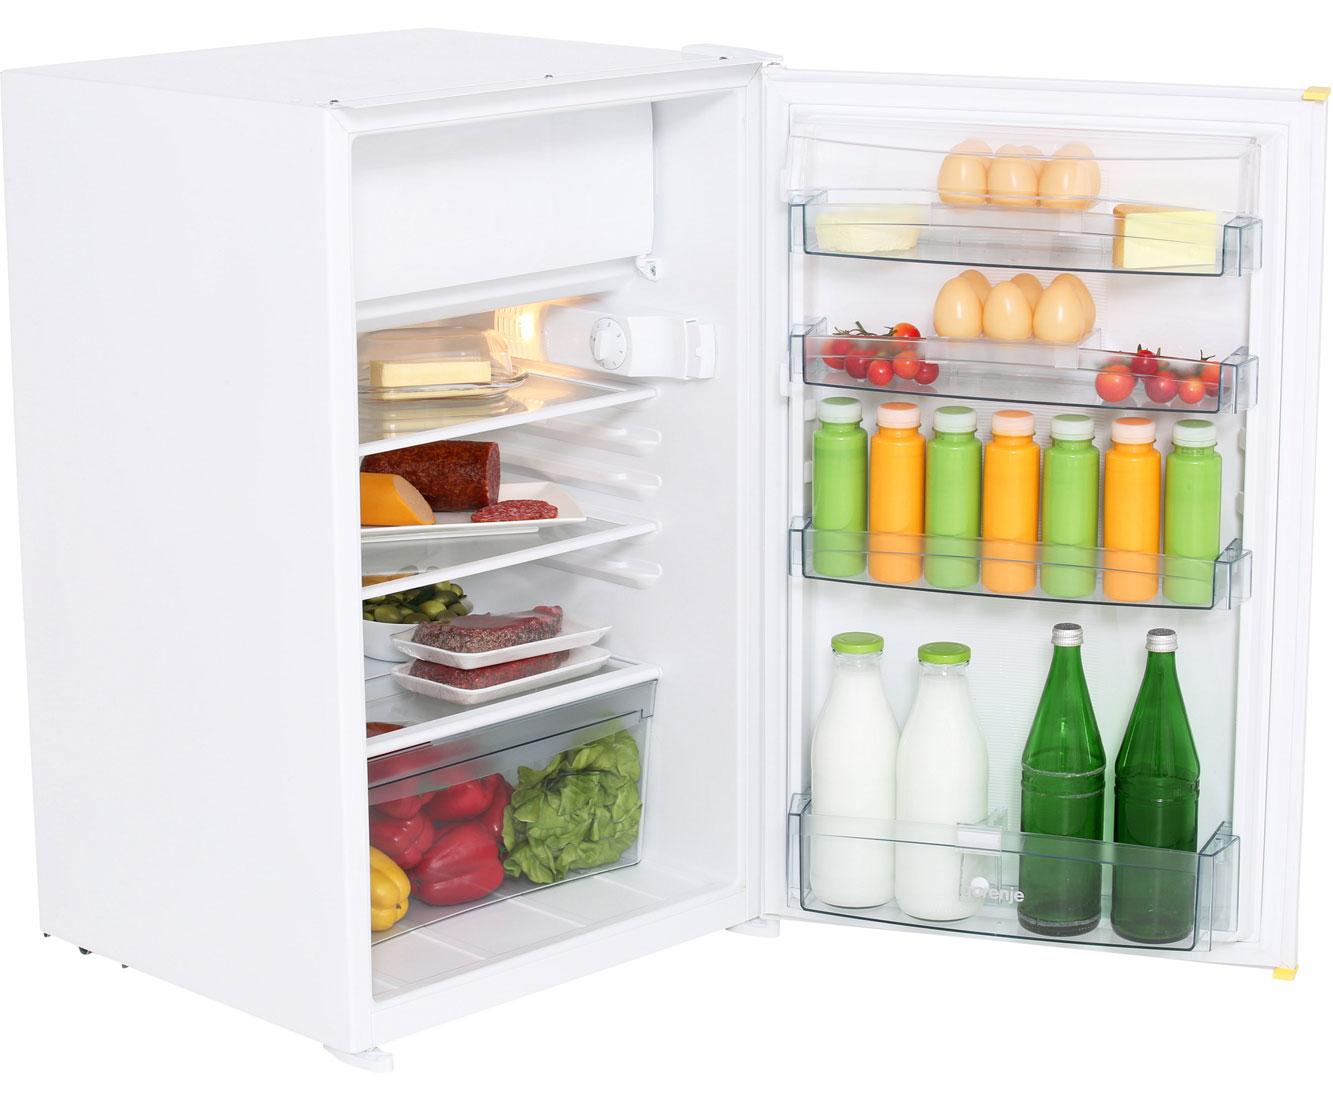 Mini Einbau Kühlschrank : Gorenje rbi aw einbau kühlschrank mit gefrierfach er nische